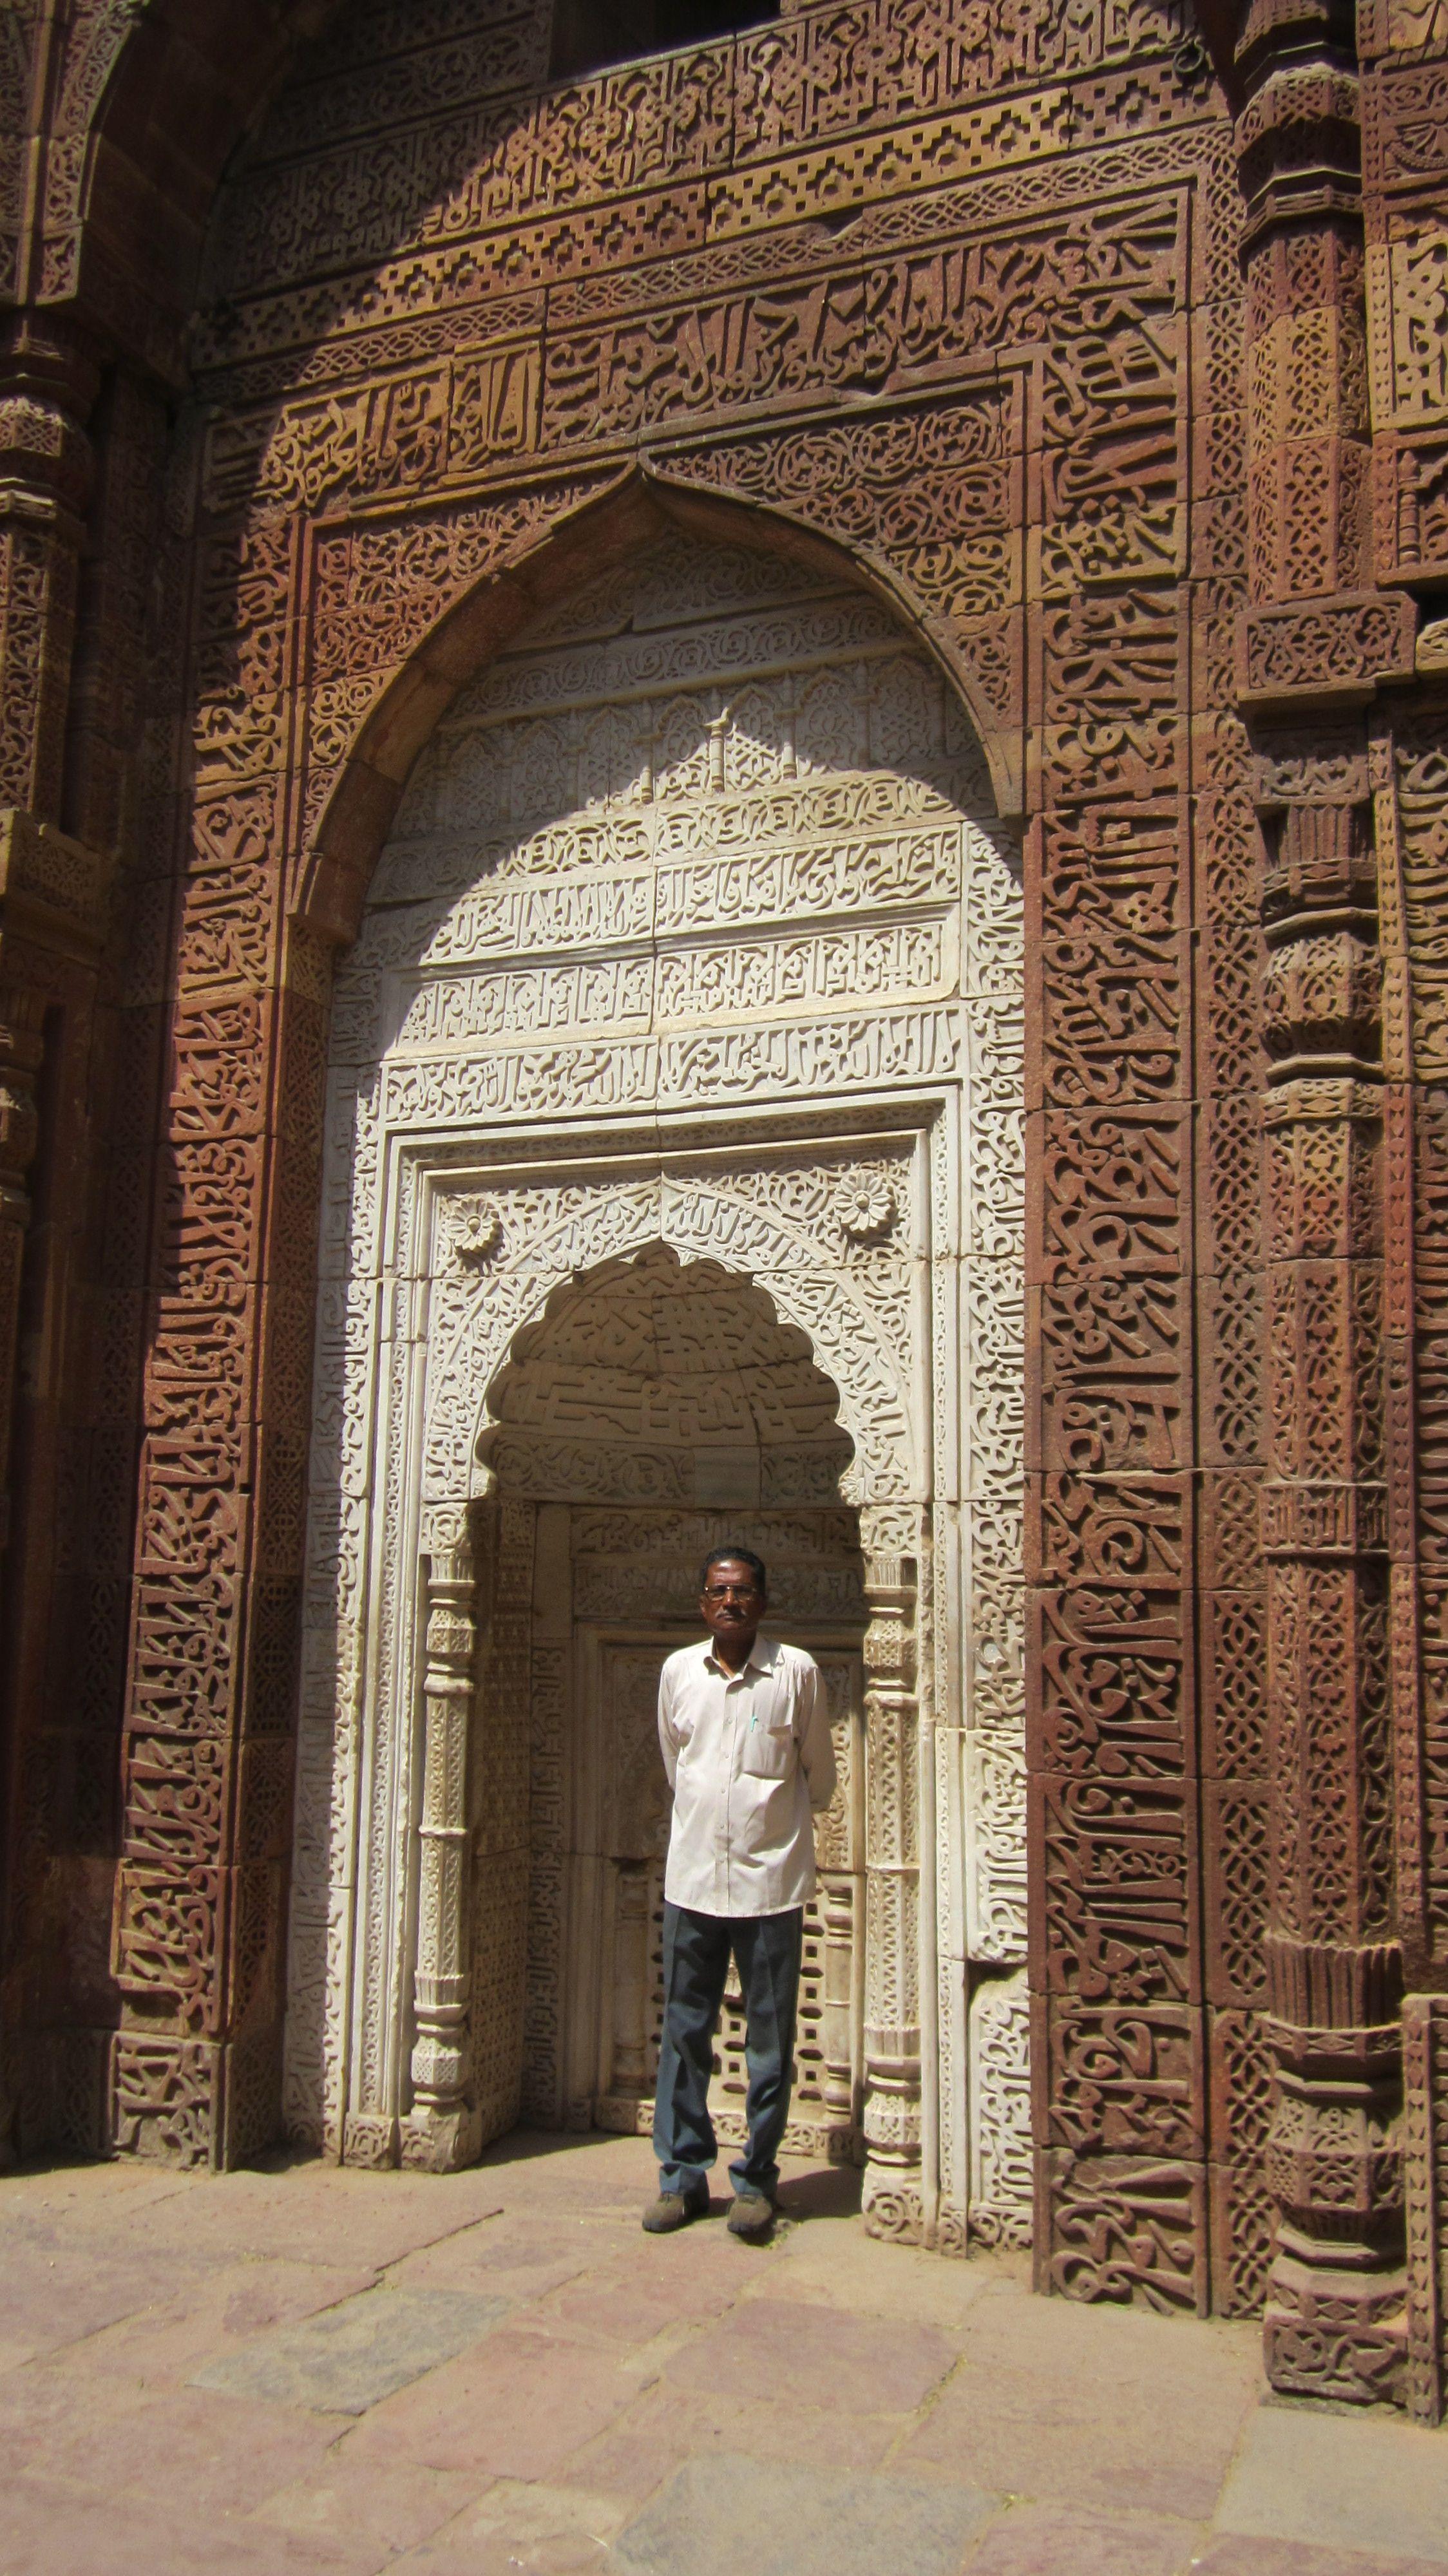 Qutub Minar complex - Delhi - India